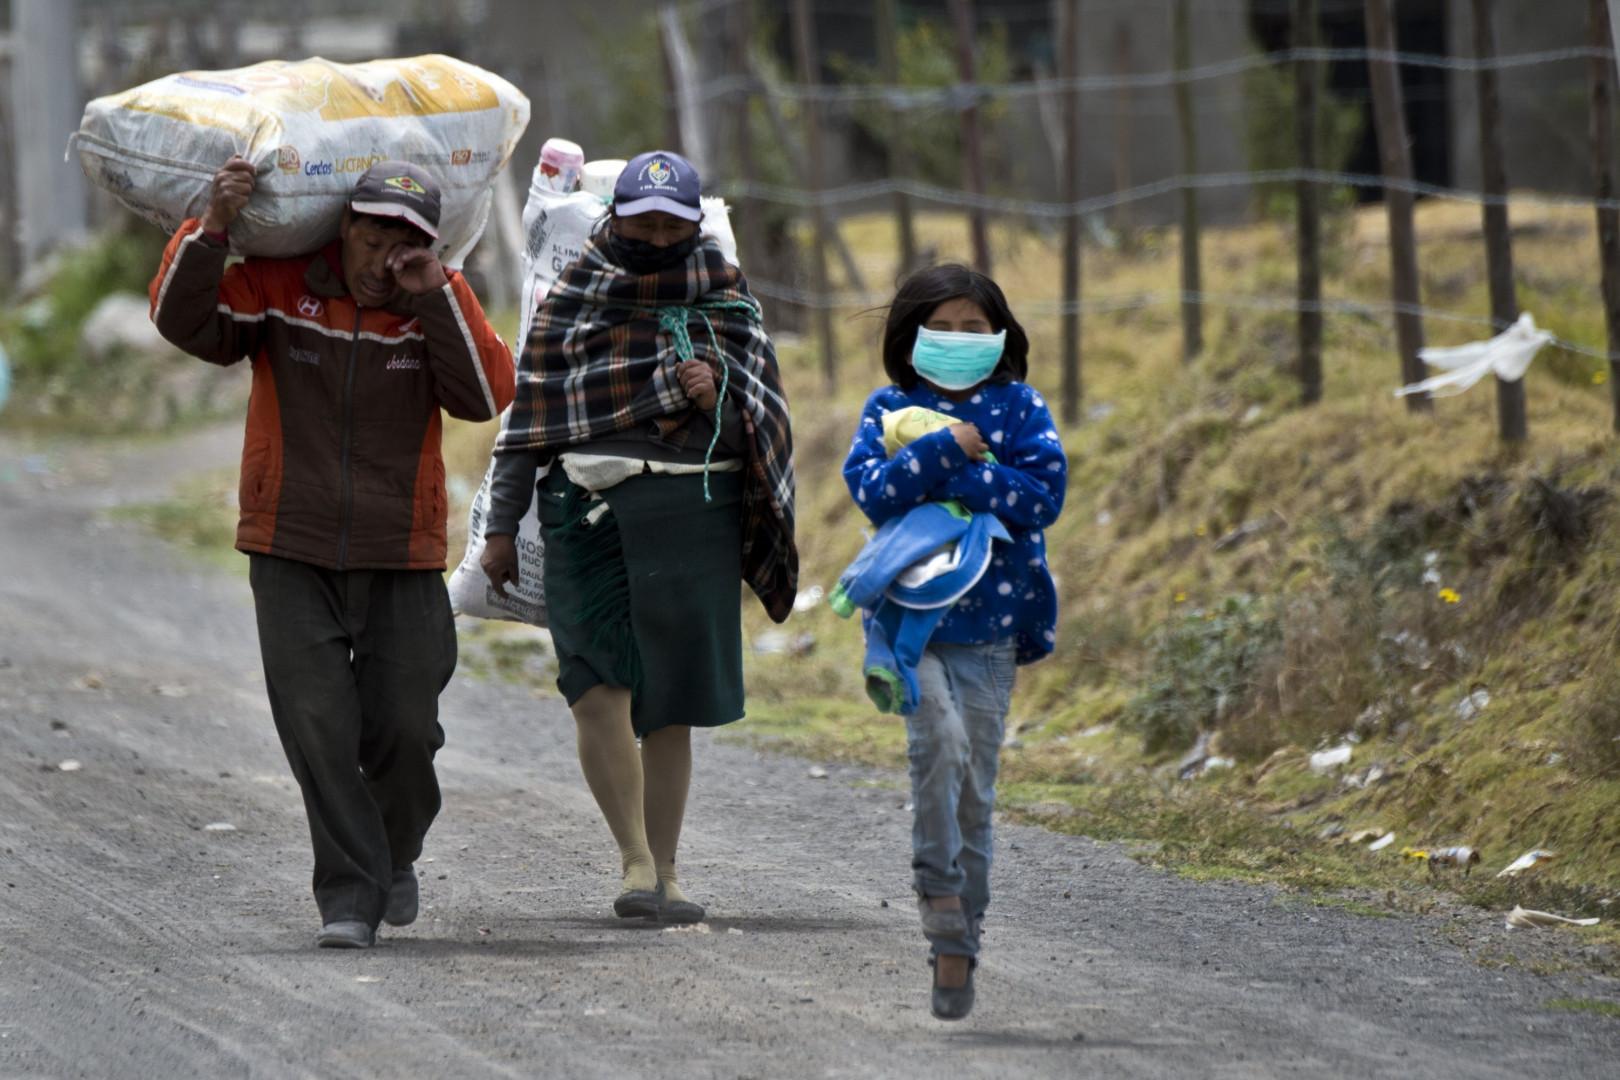 Sur les recommandations du gouvernement, certains habitants ont commencé l'évacuation de la zone